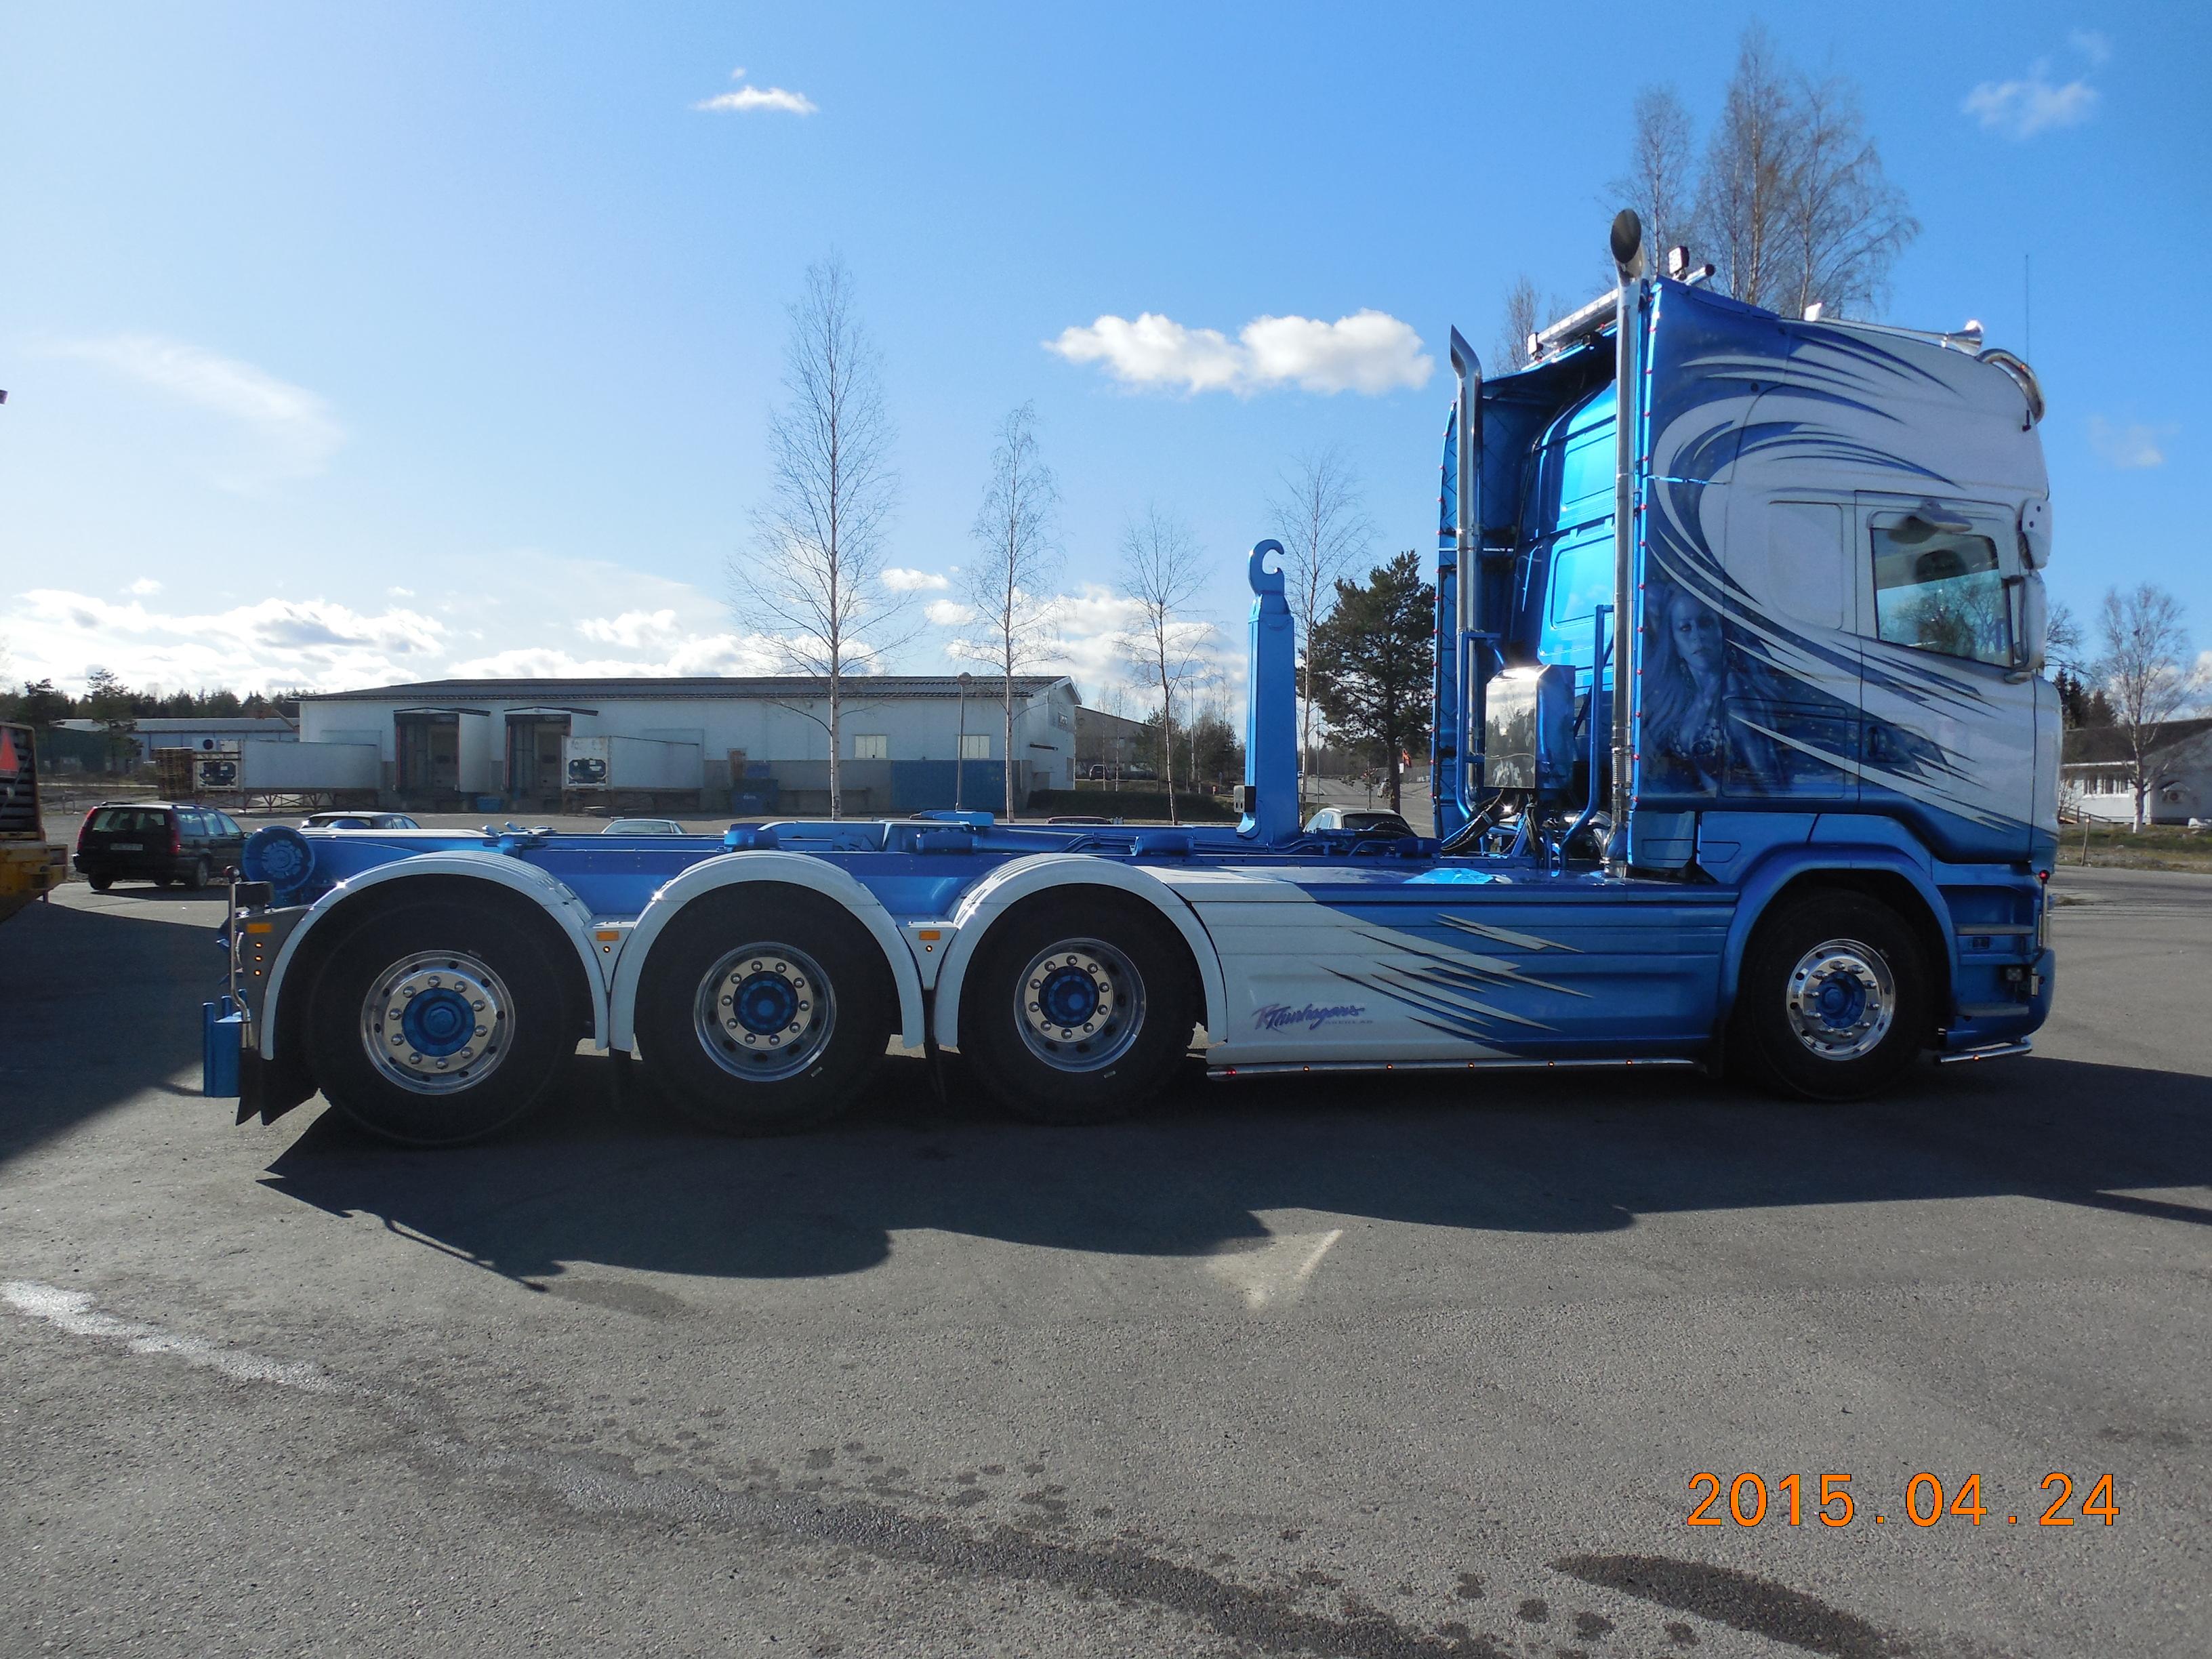 Scania R730 8x4 3,75 med Multilift XR24 på Laxolås direkt på ram